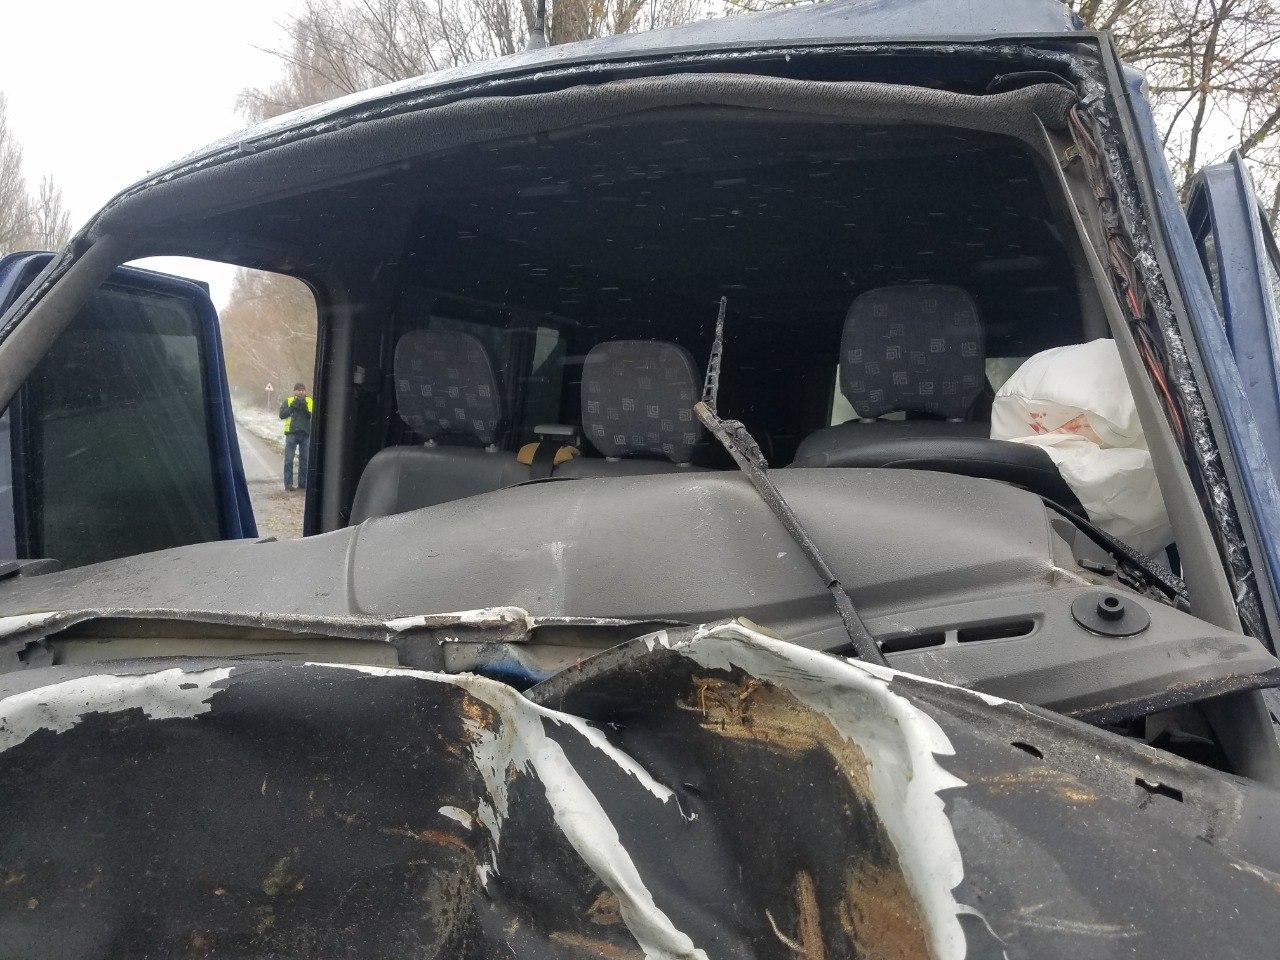 ДТП на Бориспільщині: від удару об дерево двигун авто опинився у салоні - дорога, автомобіль - DTP pid Borospolem